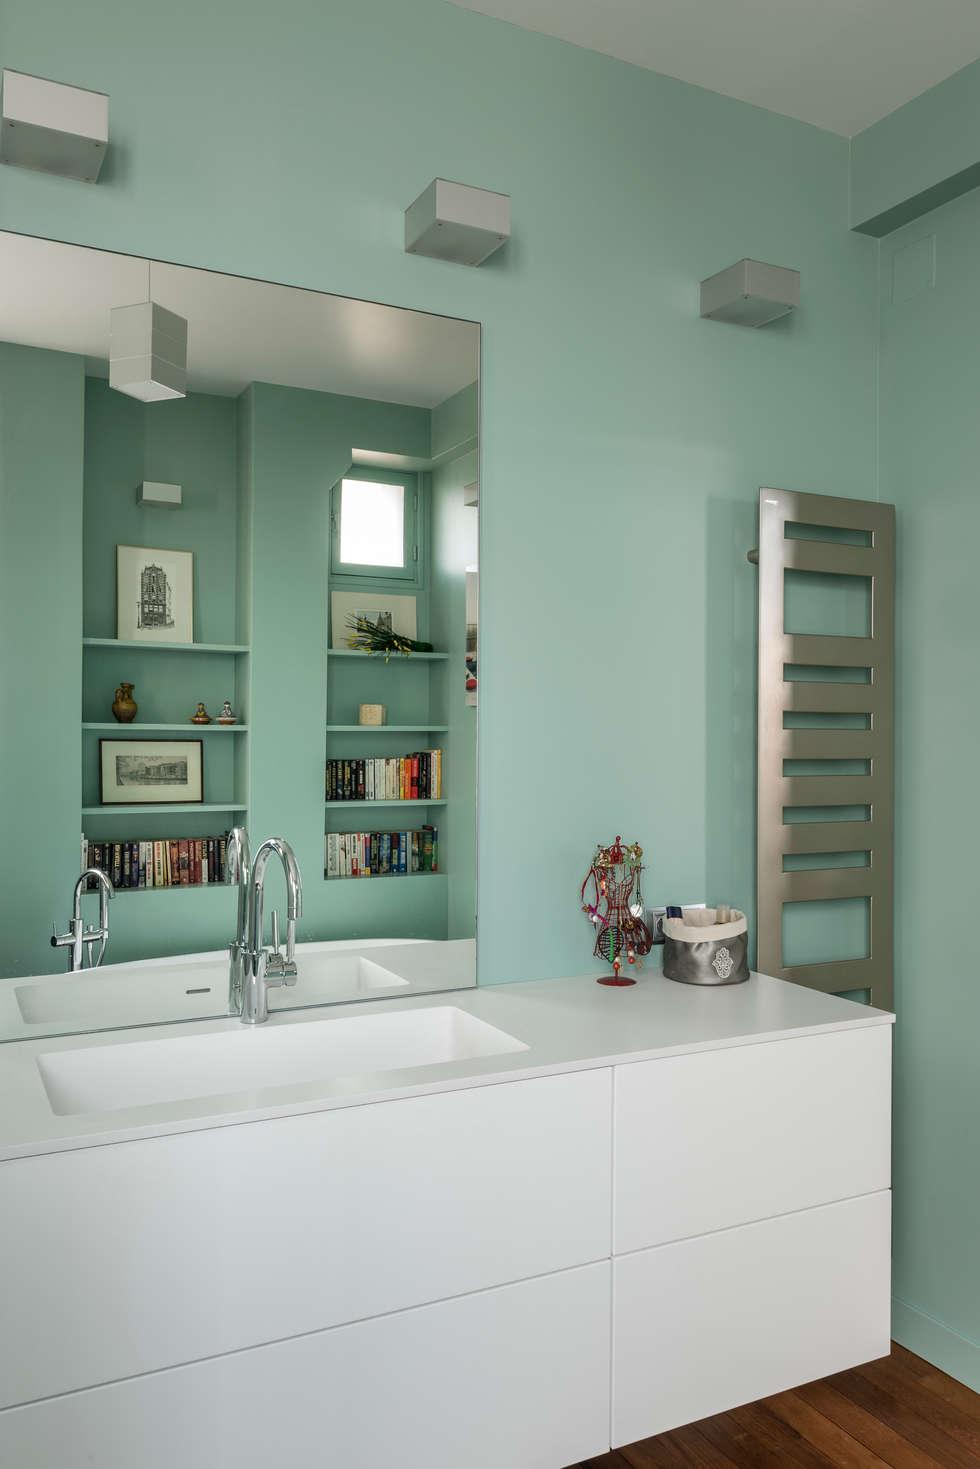 Salle de bain: Salle de bains de style  par Decorexpat